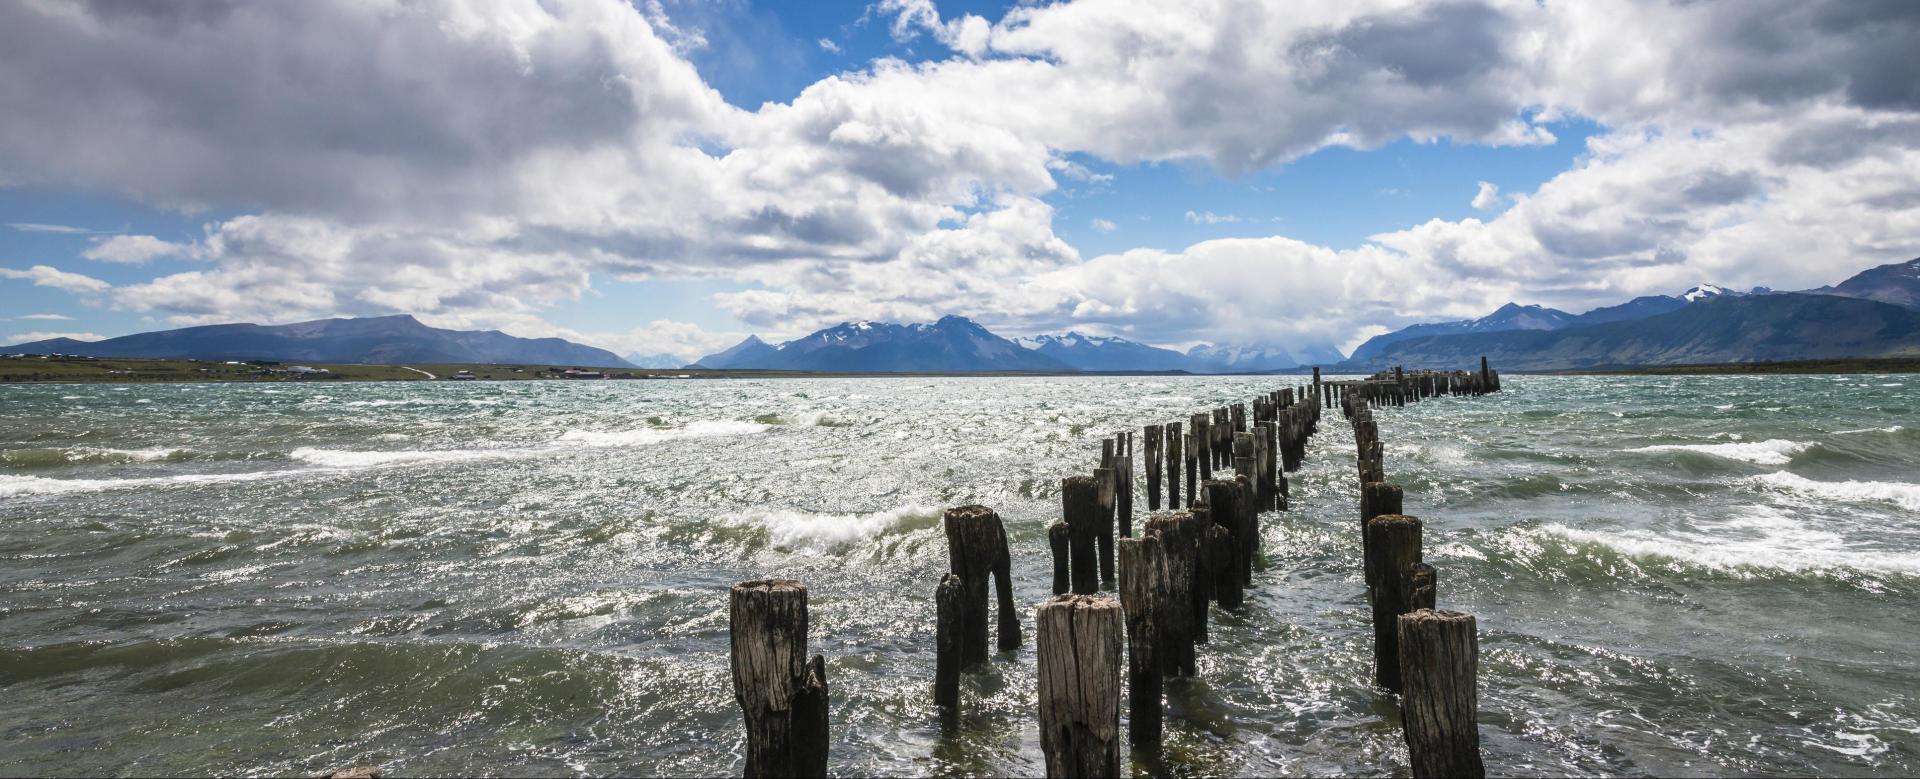 Voyage à pied Chili : Terre de feu, patagonie et route australe